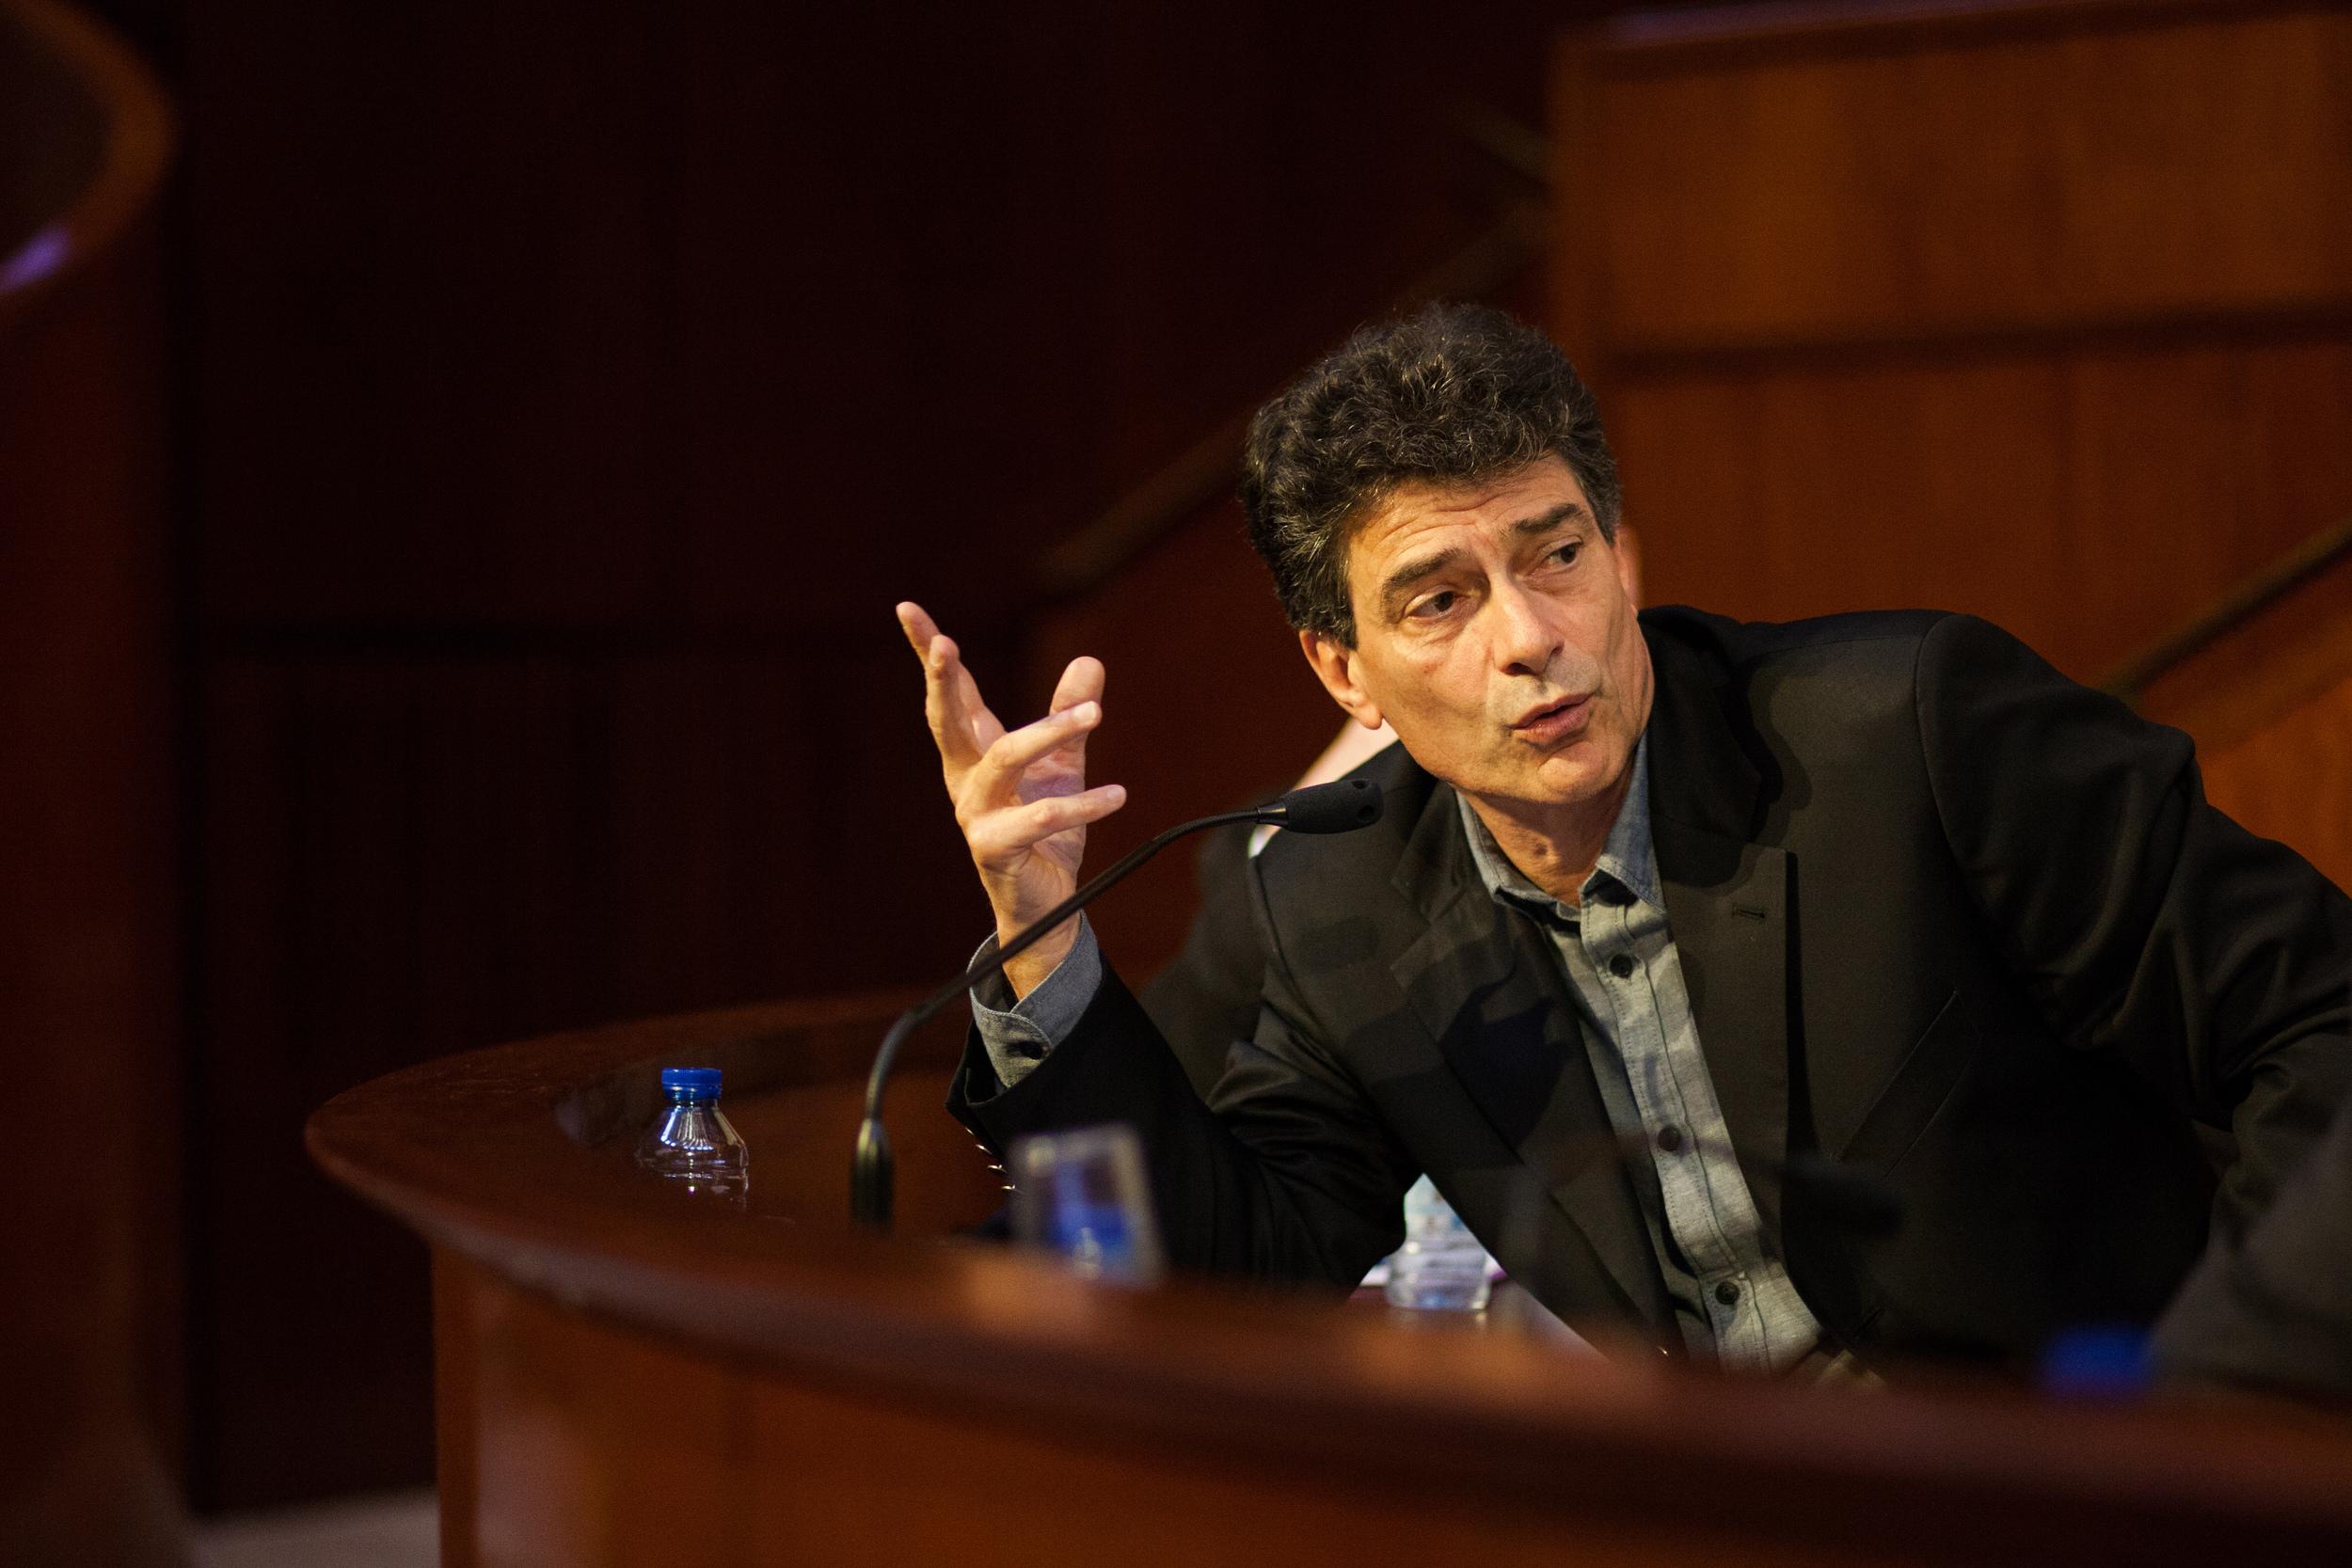 Pascal Durand, eurodéputé EELV.  Etats Généraux de l'Europe, Paris, mai 2014. Mouvement Européen - France & Think Tank Europa Nova